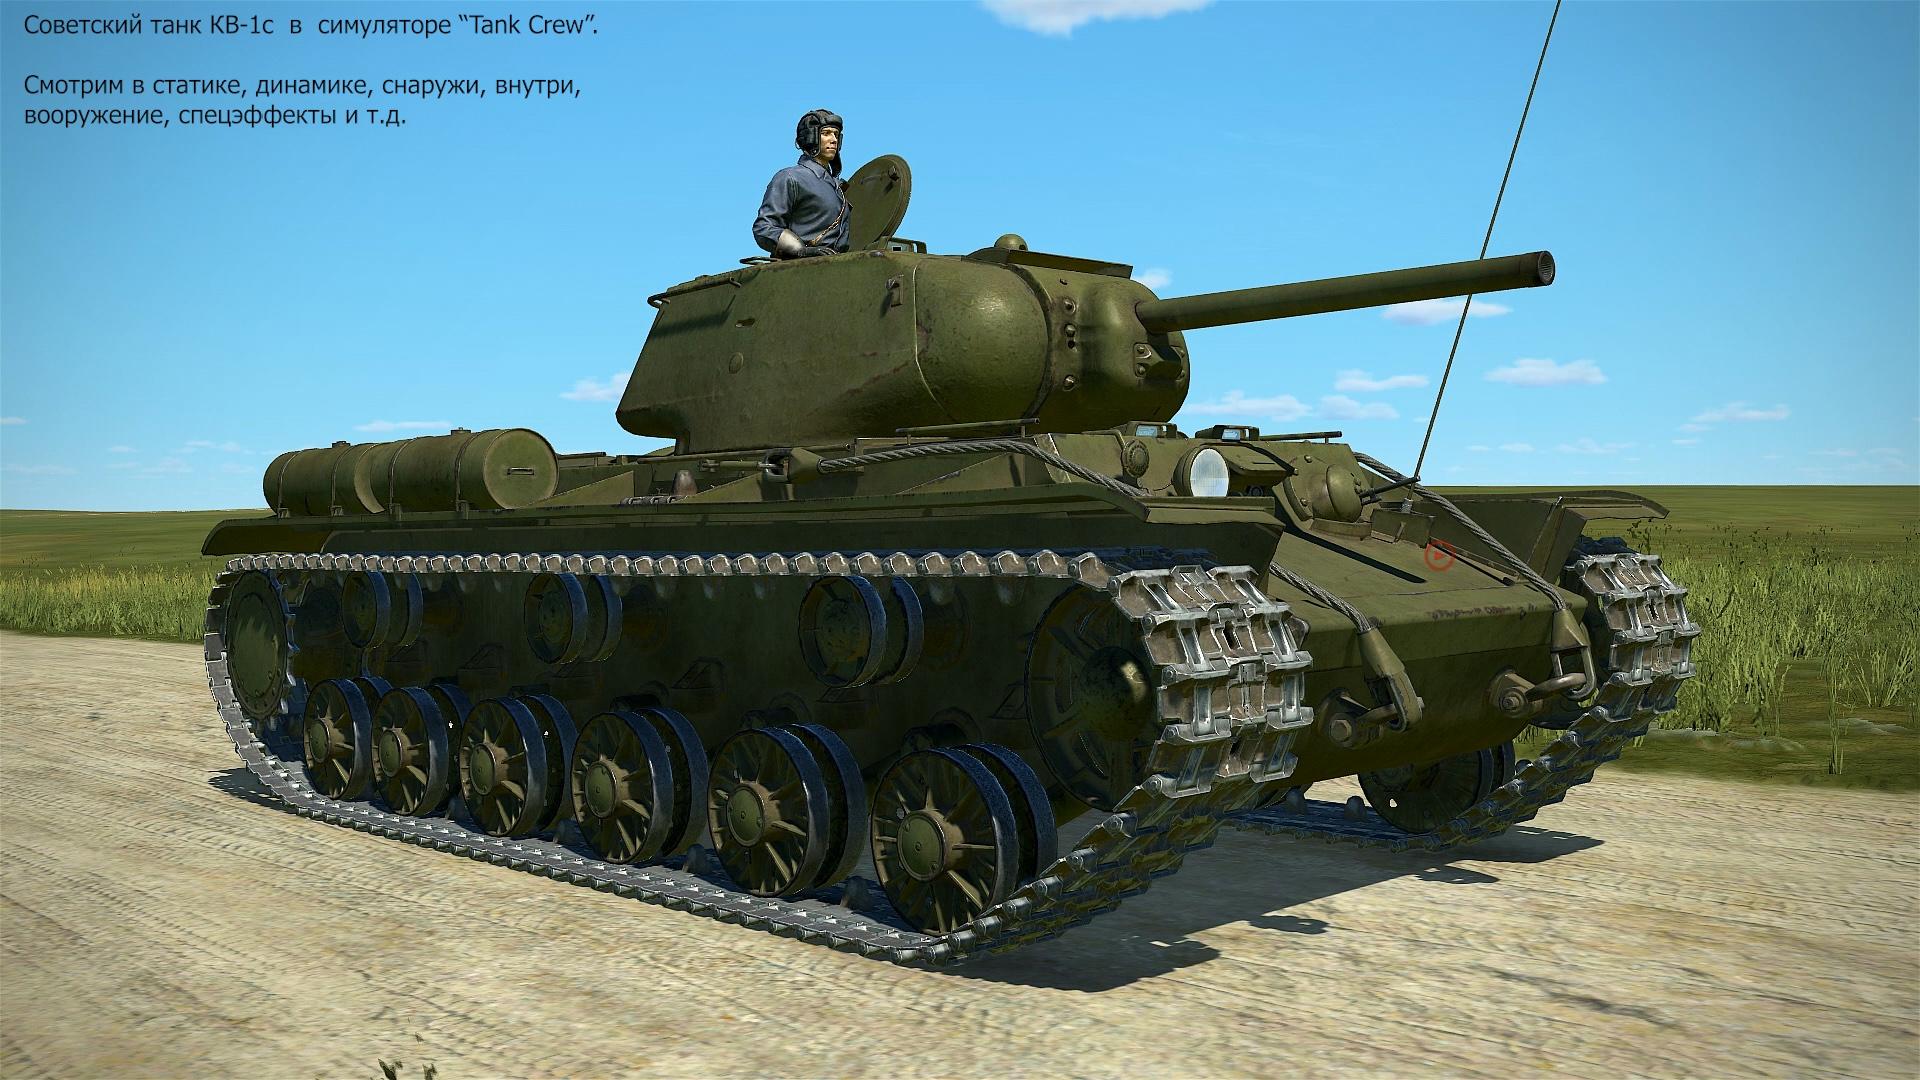 """Советский танк КВ-1С в  симуляторе """"Tank Crew""""."""